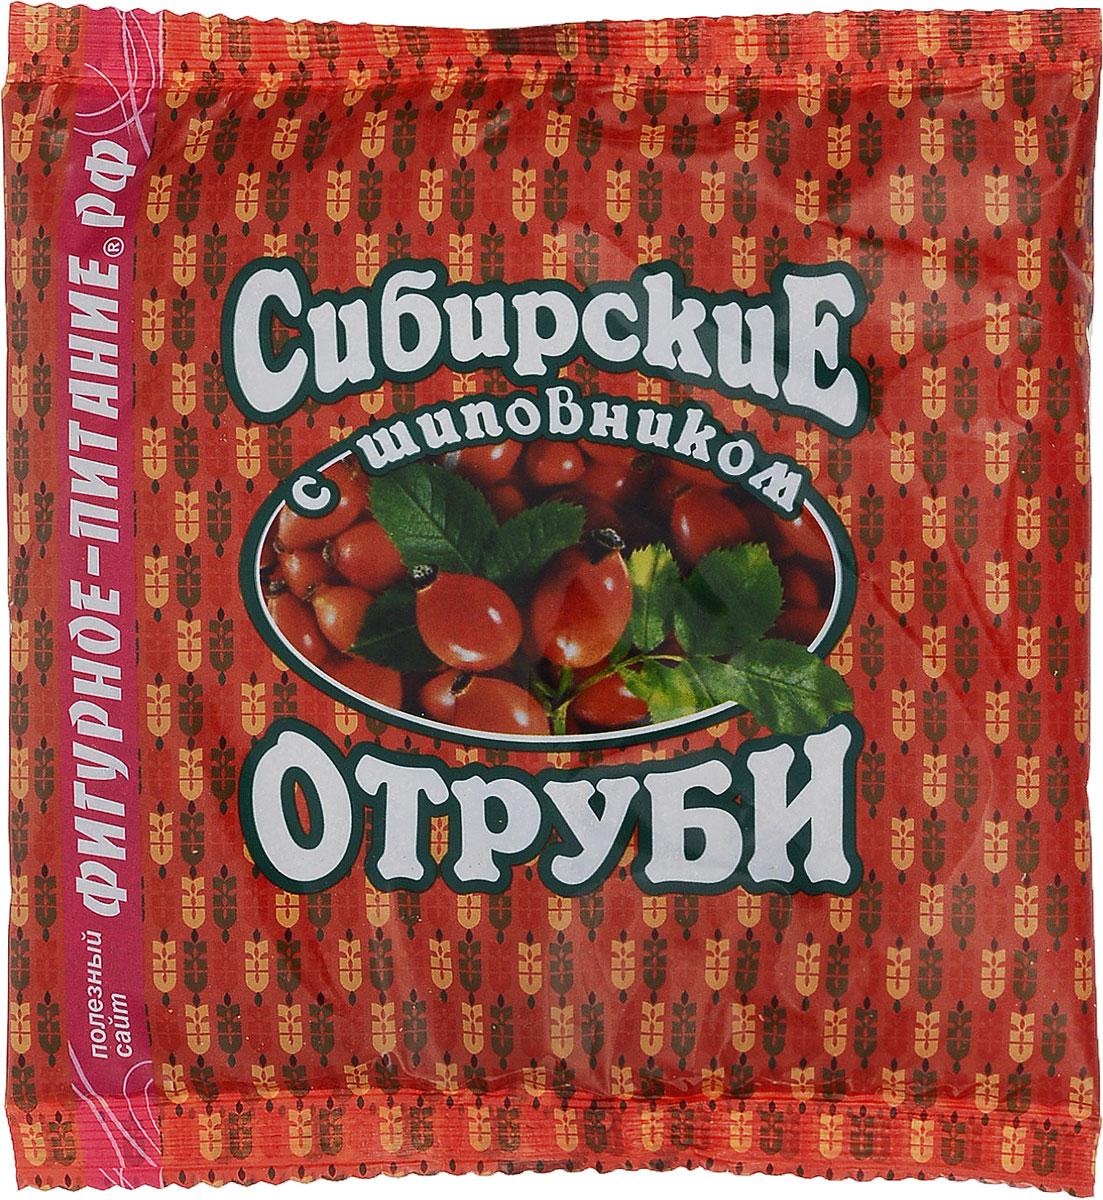 Сибирские отруби пшеничные с шиповником, 200 г сибирские отруби хрустящие сила ягод 100 г